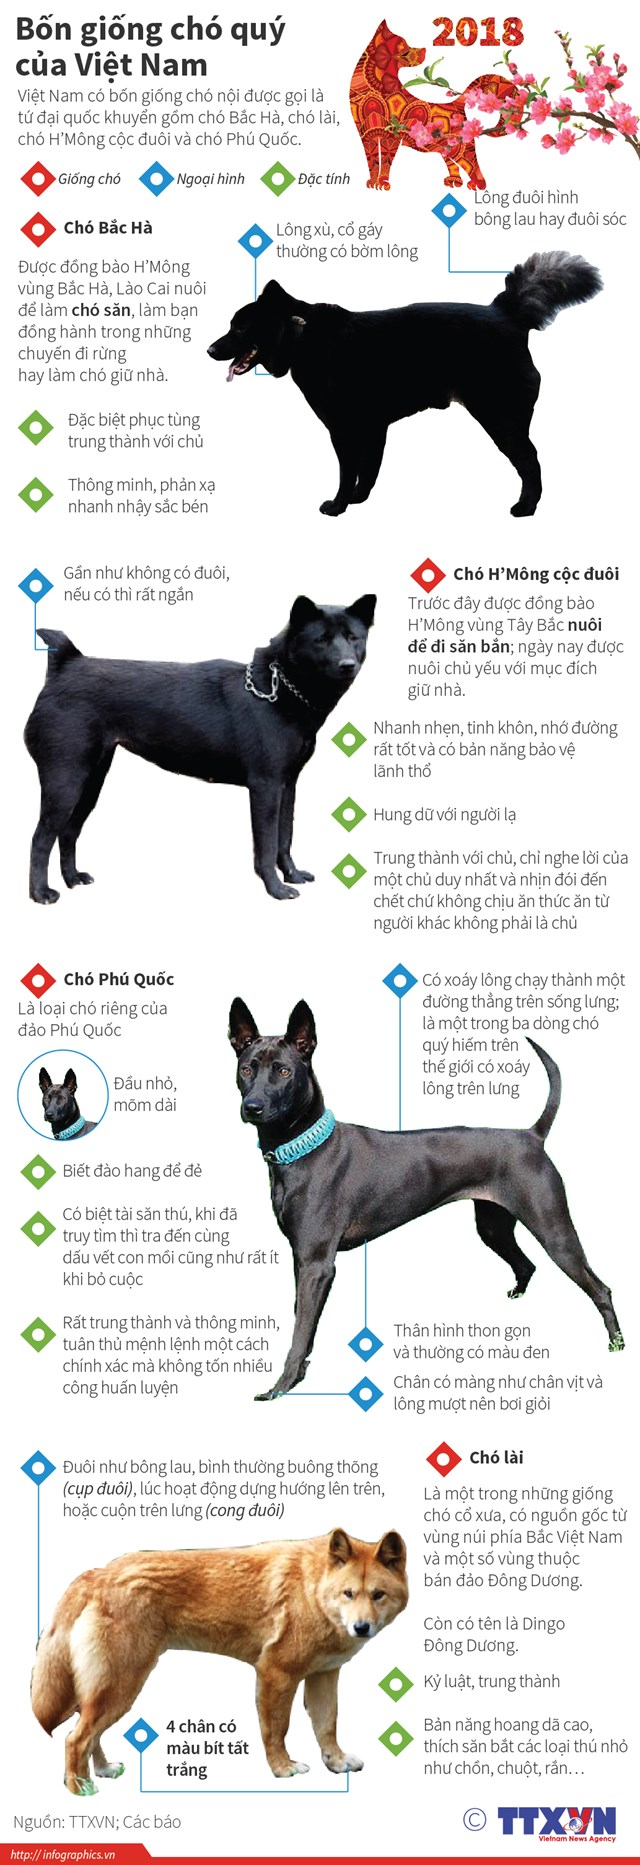 [Infographics] Bốn giống chó 'tứ đại quốc khuyển' của Việt Nam